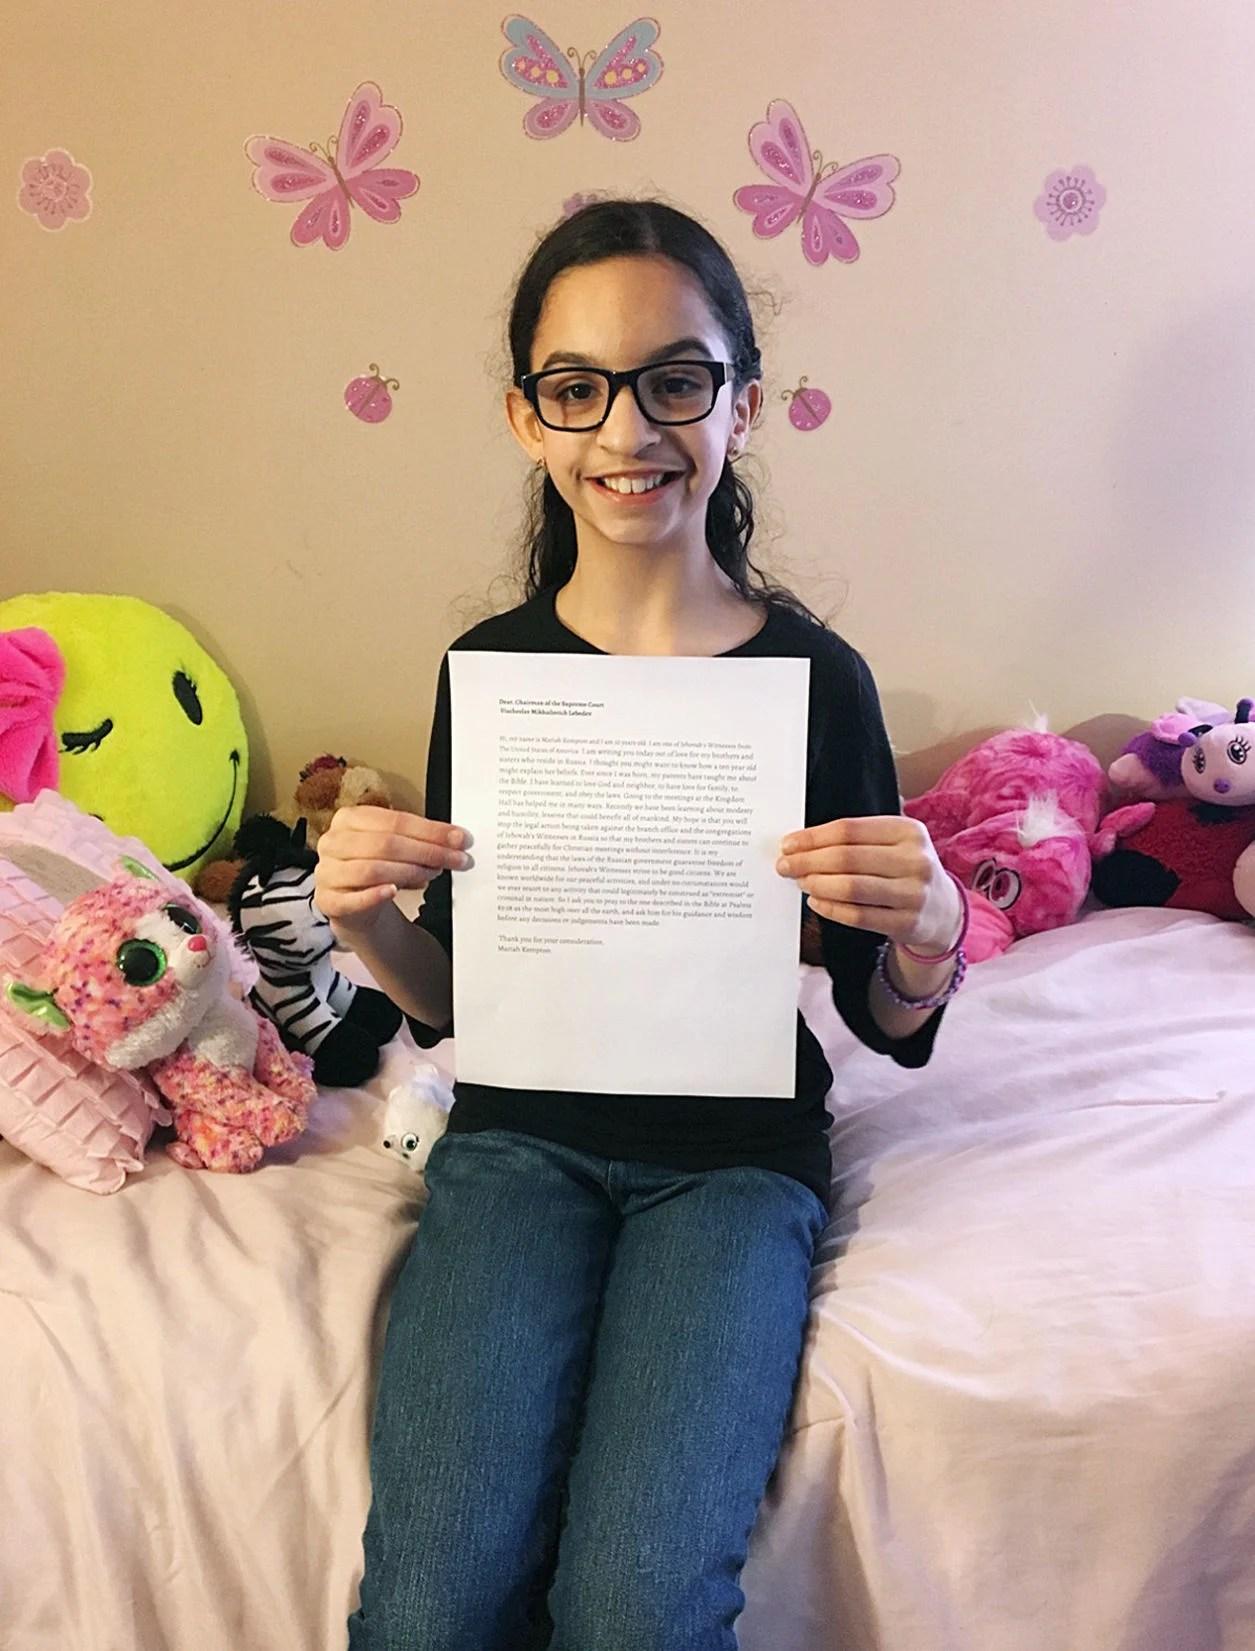 Mariah Kempton escreve uma carta para as autoridades russas, pedindo-lhes que não persigam as Testemunhas de Jeová.